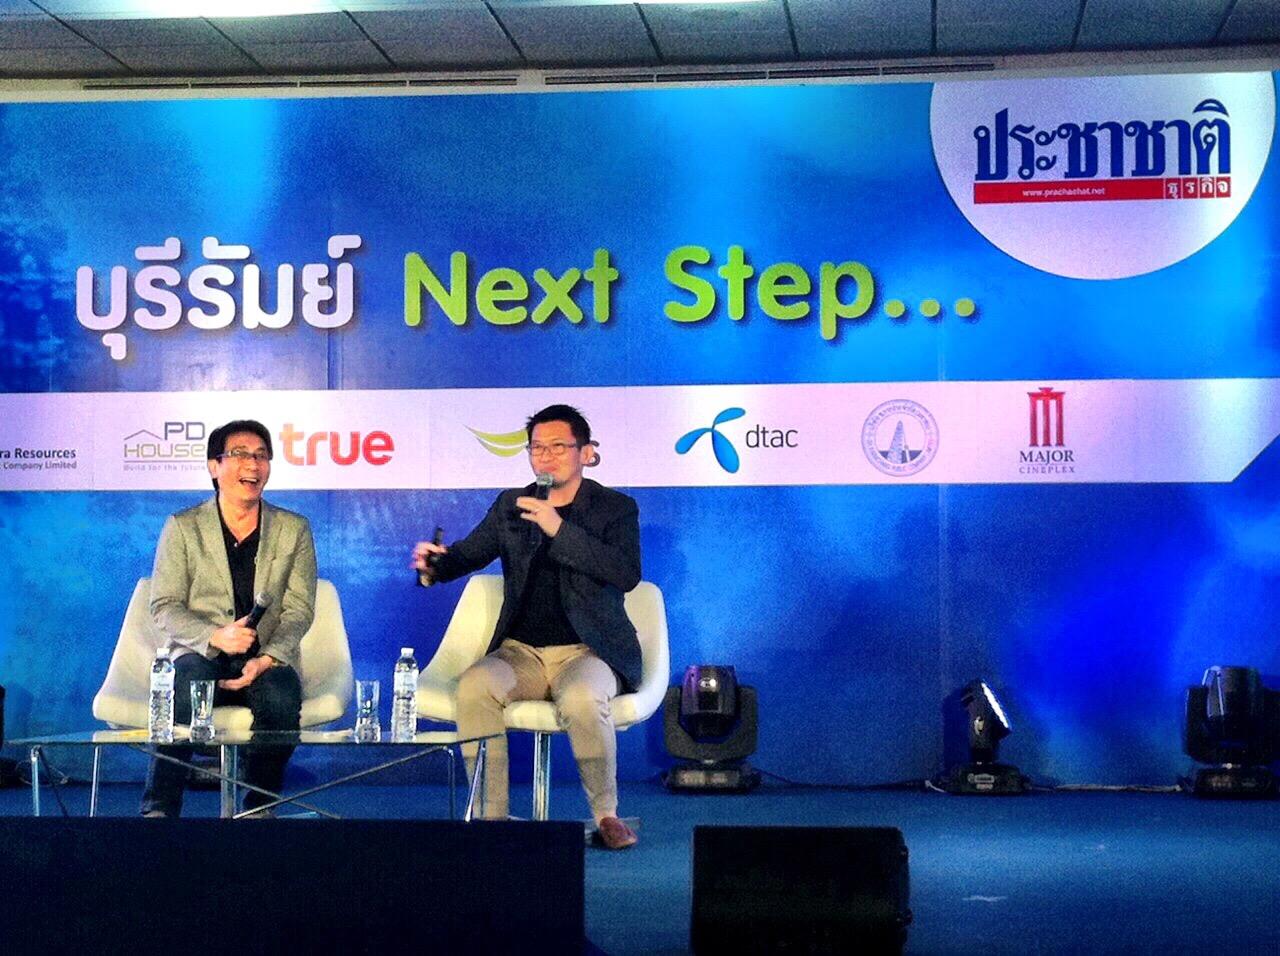 สรุปแนวคิดจากงาน Buriram next step... จัด โดย ประชาชาติธุรกิจ 16 พฤศจิกายน 2558